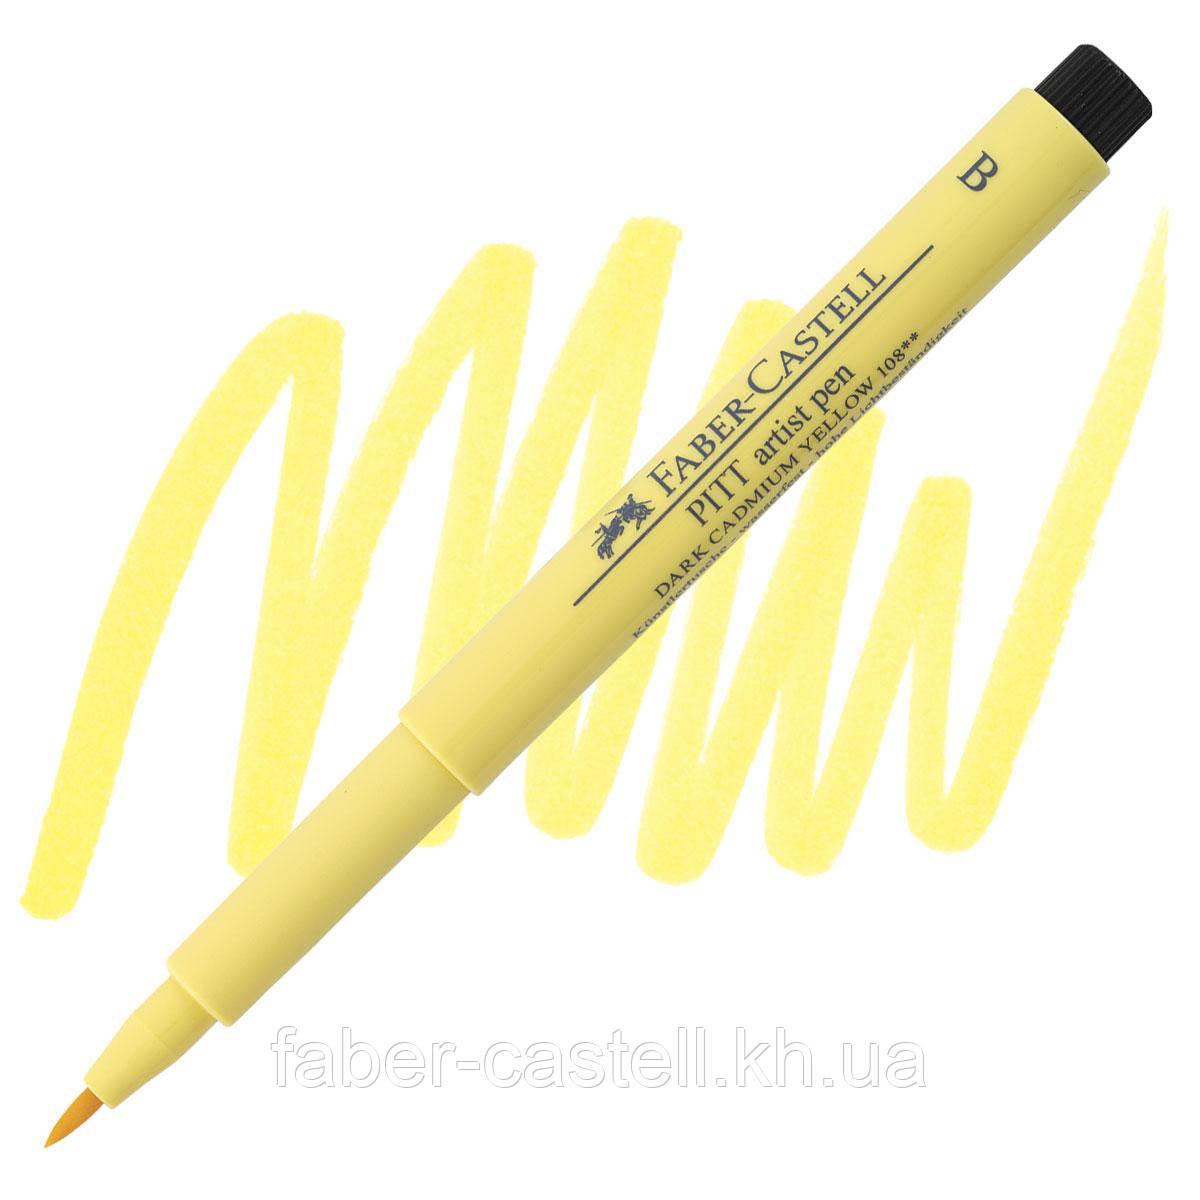 """Ручка-кисточка капиллярная Faber - Castell PITT® ARTIST PEN """"BRUSH"""" №108 темно-желтый кадмий, 167408"""